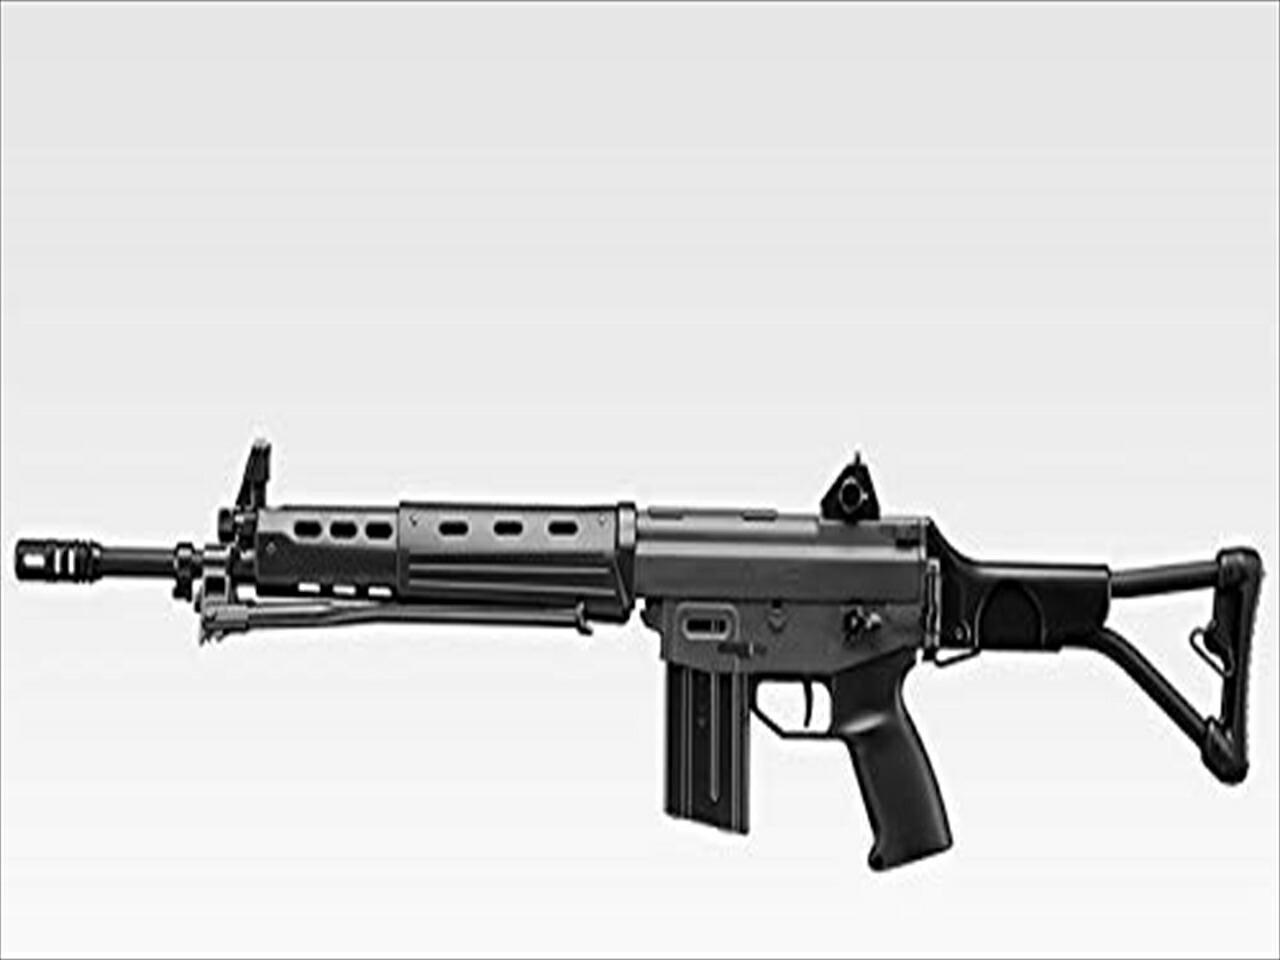 【エントリー全会員P10倍】 東京マルイ ガスガン 89式小銃 折曲銃床型 エアガン 銃 5.56mm小銃 第一空挺団 18歳以上 新品